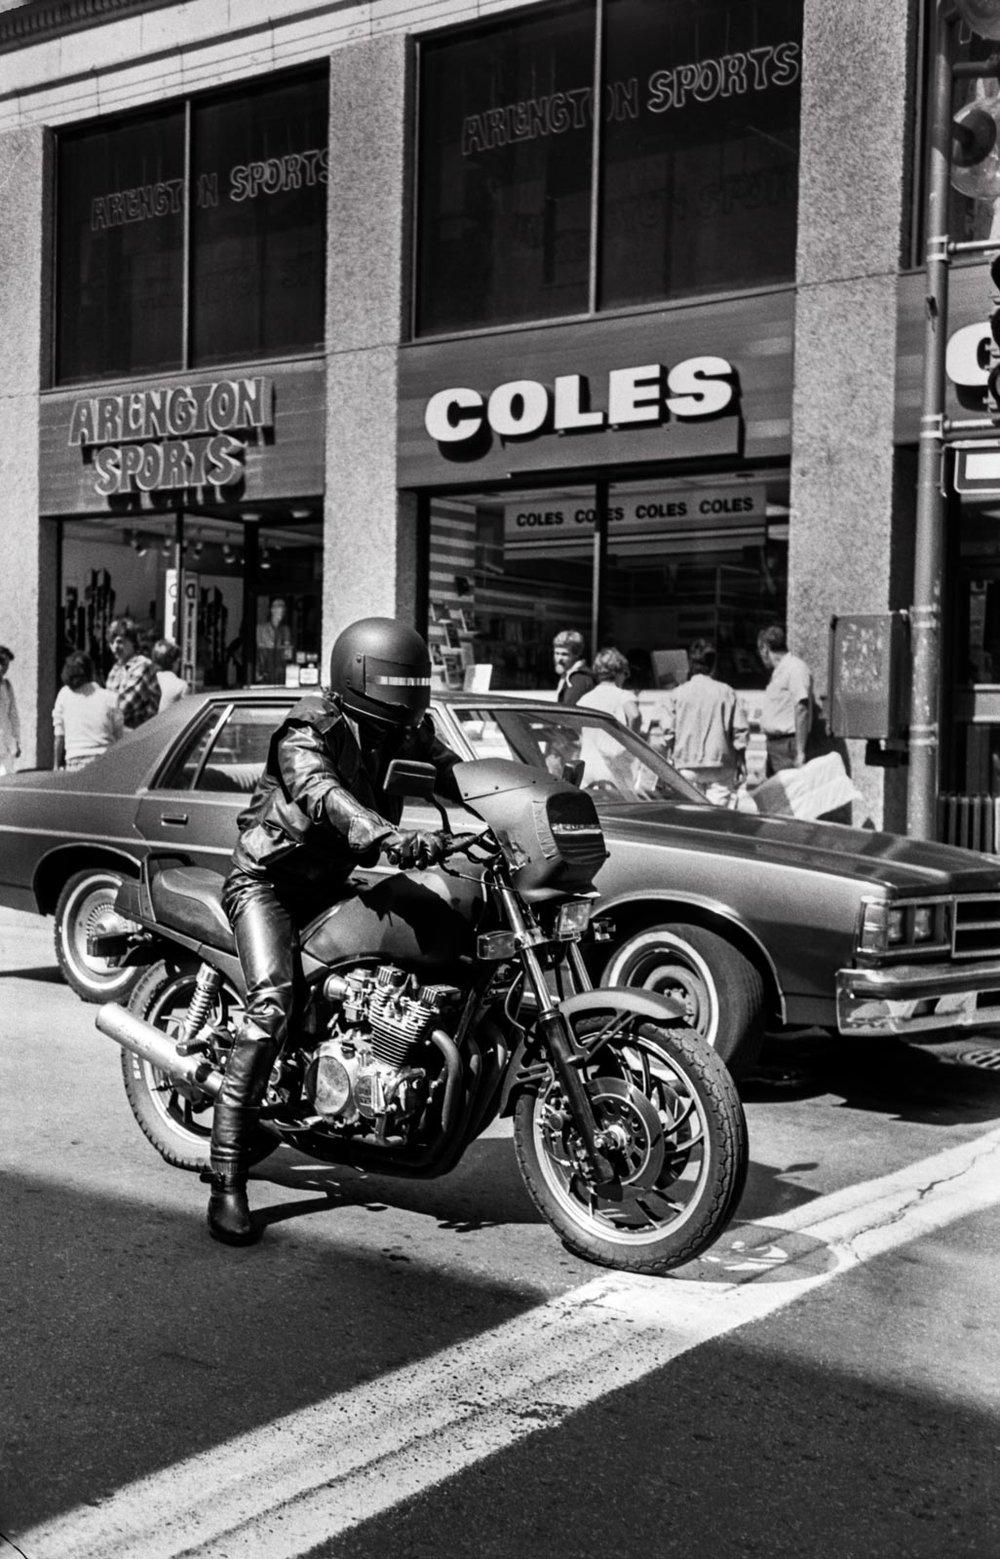 Le motard noir, Montréal, 1988